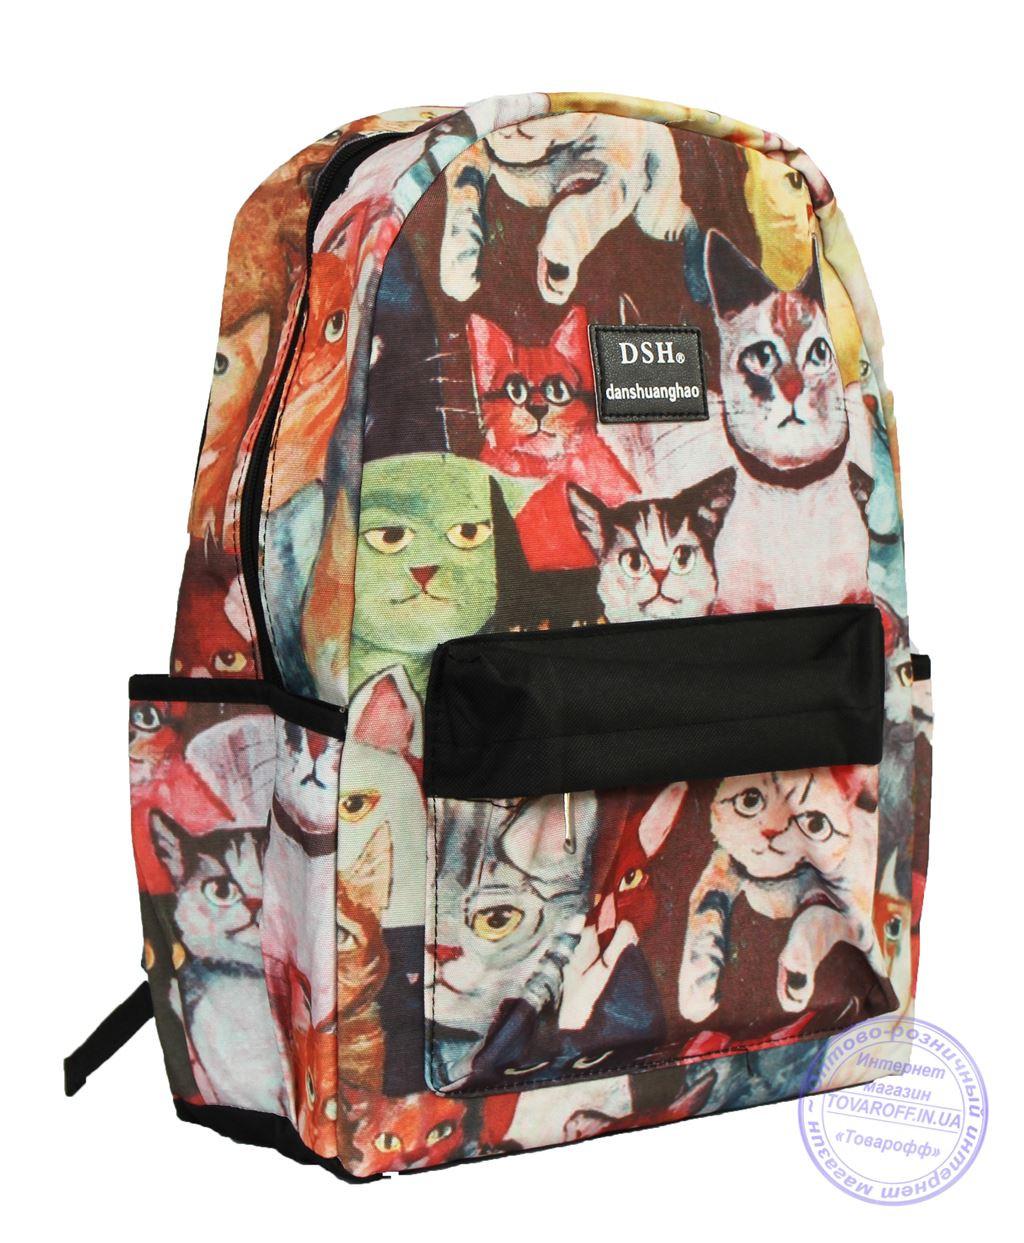 Рюкзак с котами для девочек - 501-5